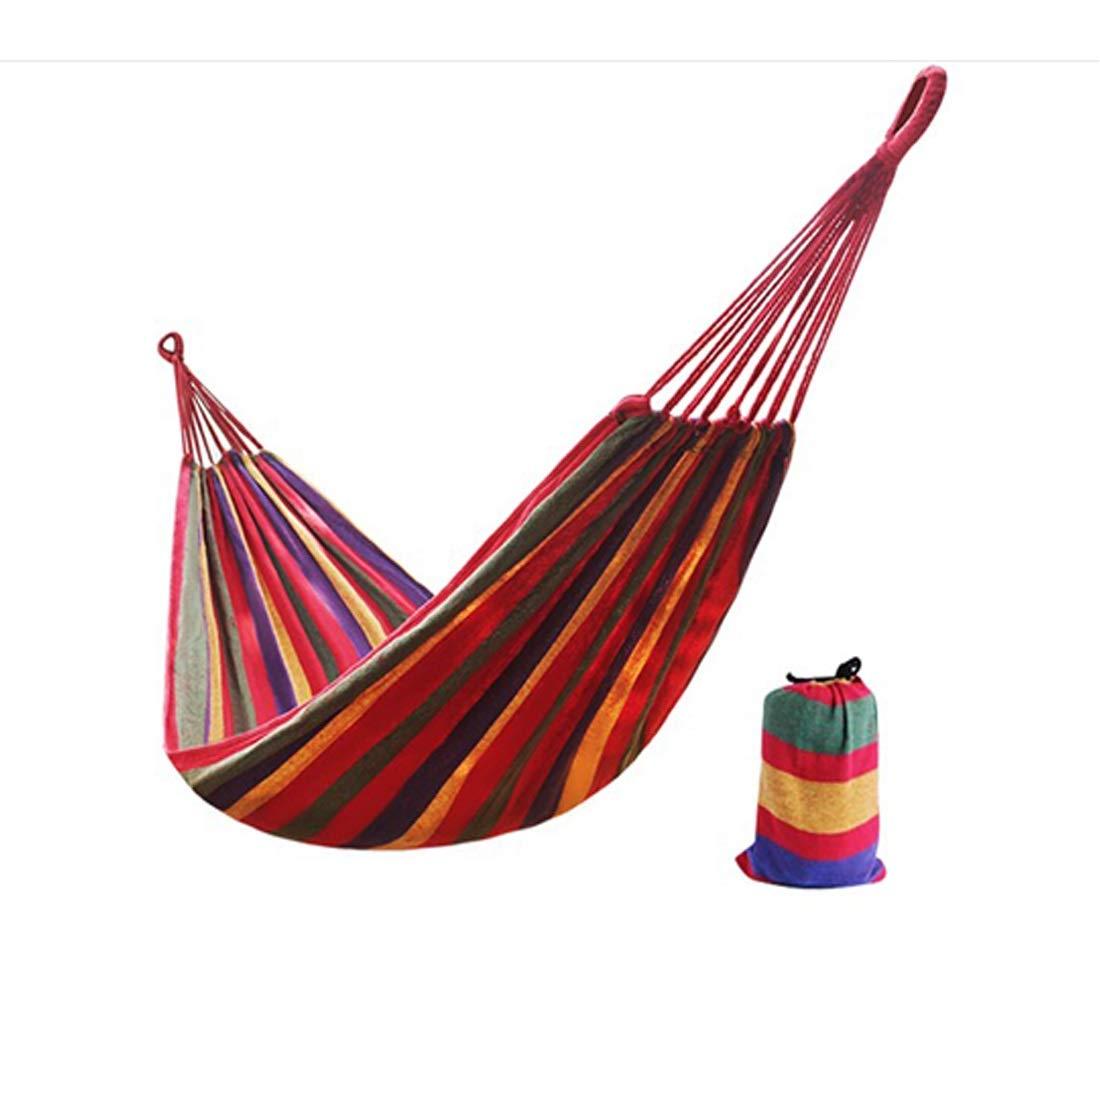 WEATLY Freizeit rot gestreifte Canvas Hängematte/Kammer Hängematte für Kinder (Farbe : ROT, Größe : 280  100)